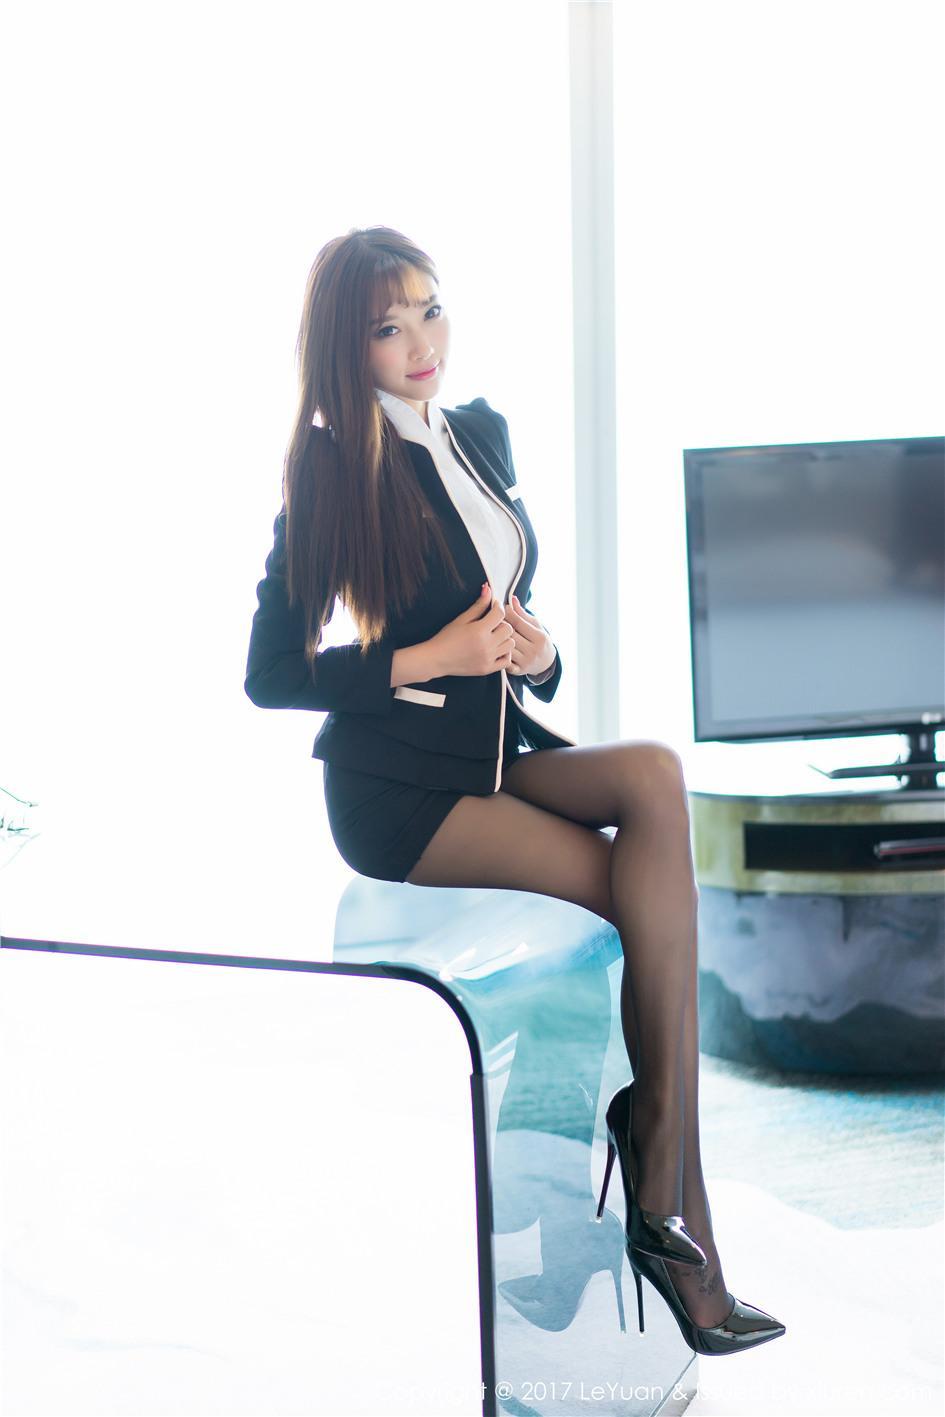 【星乐园】【杨晨晨sugar】 都市极品白领杨晨晨sugar酒店黑丝美腿写真 VOL.043【25P】 制服